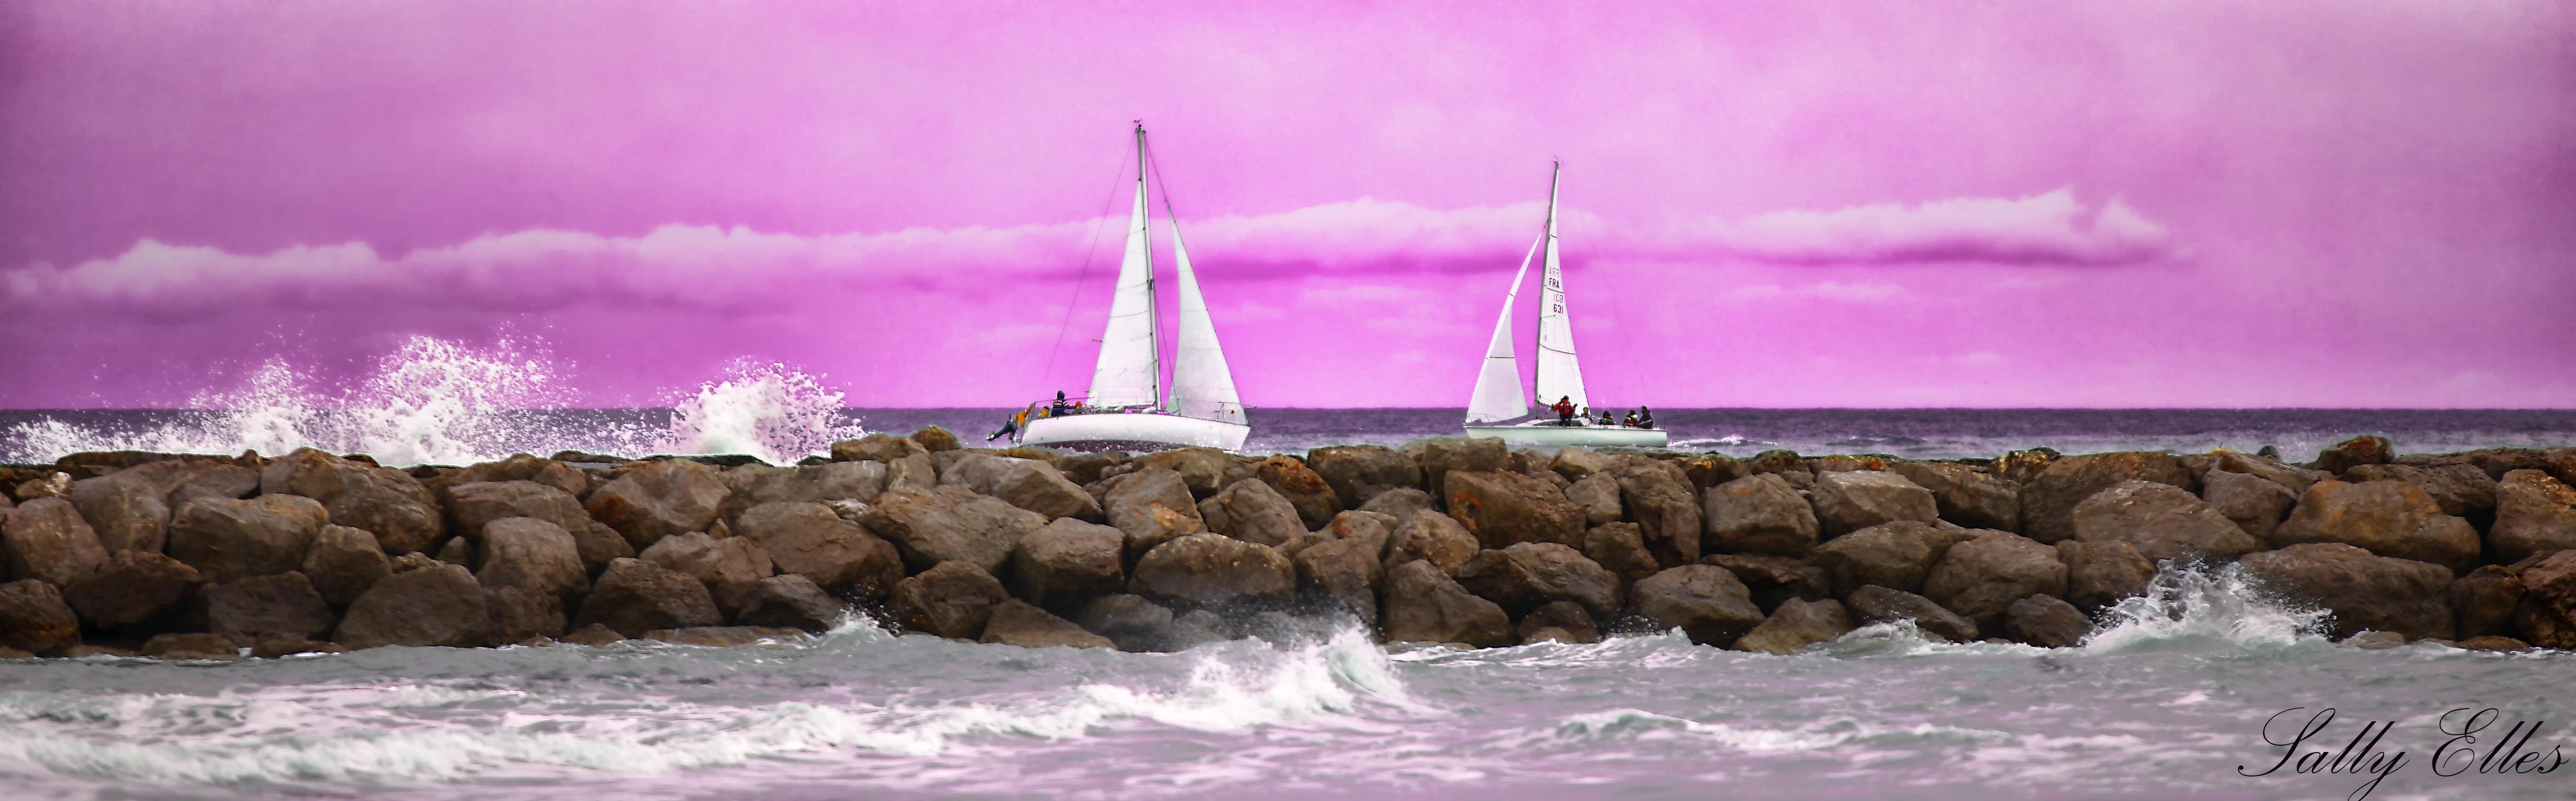 Photo de voiliers, photo de voile, photo de bord de mer, photo de paysage à Montpellier - Photographe à Montpellier